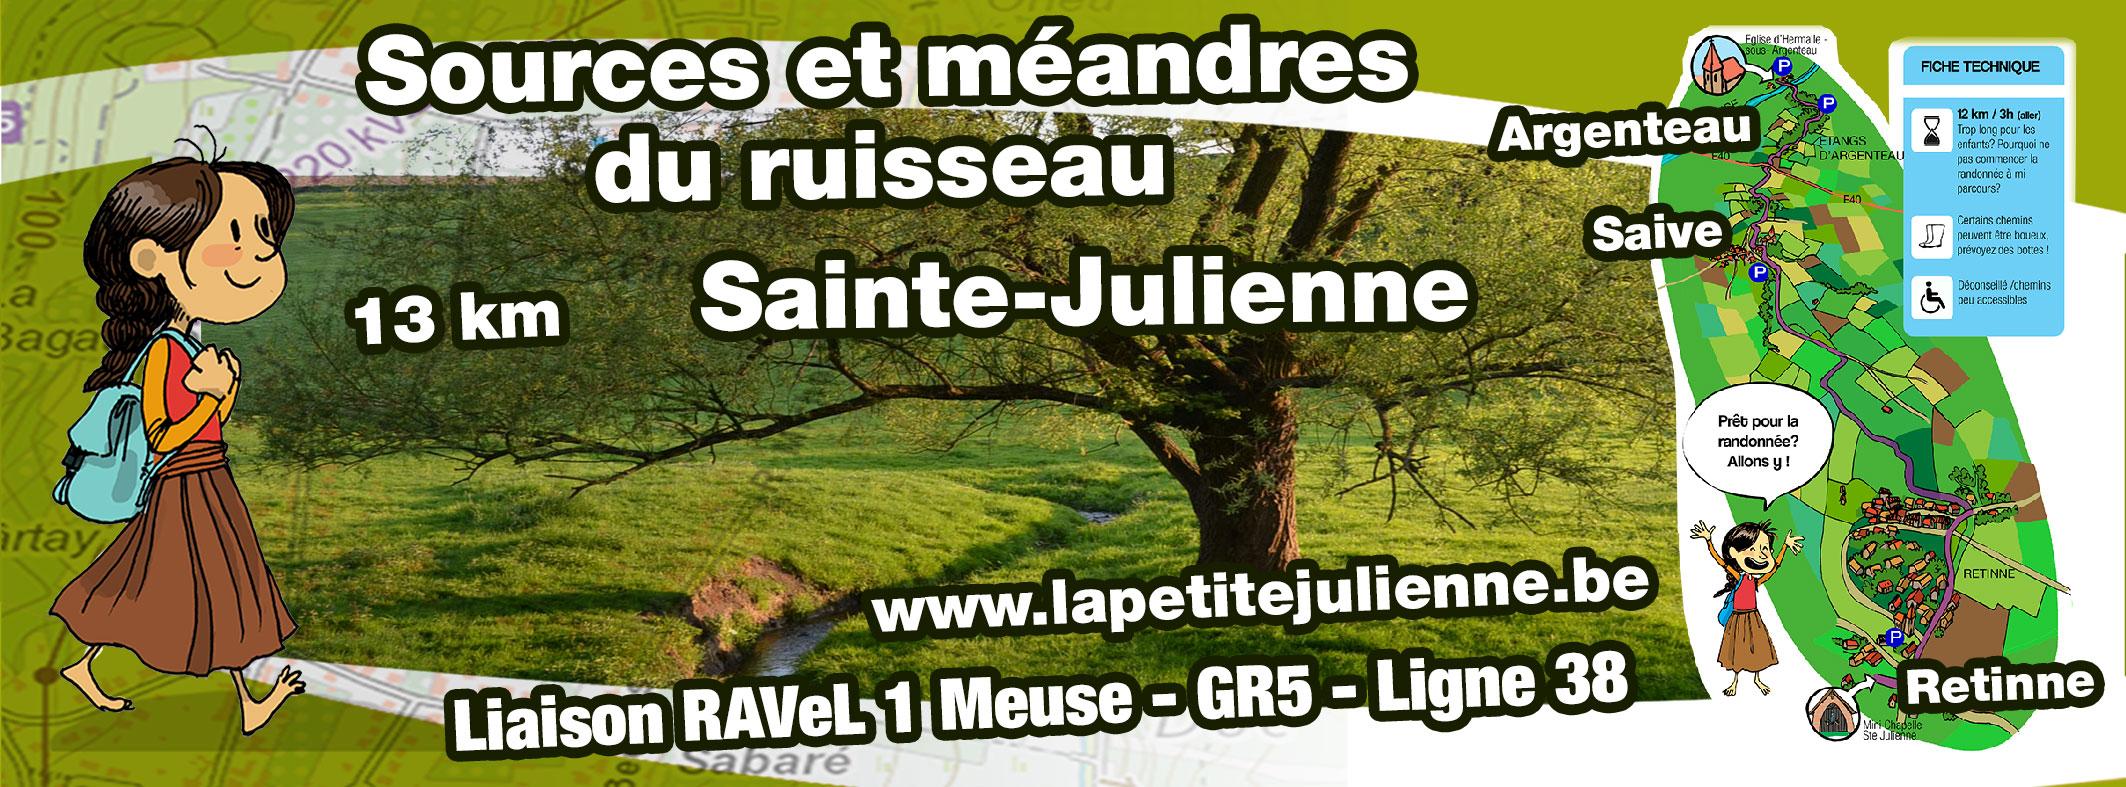 Banner-Rando-Julienne-27x10-200dpi